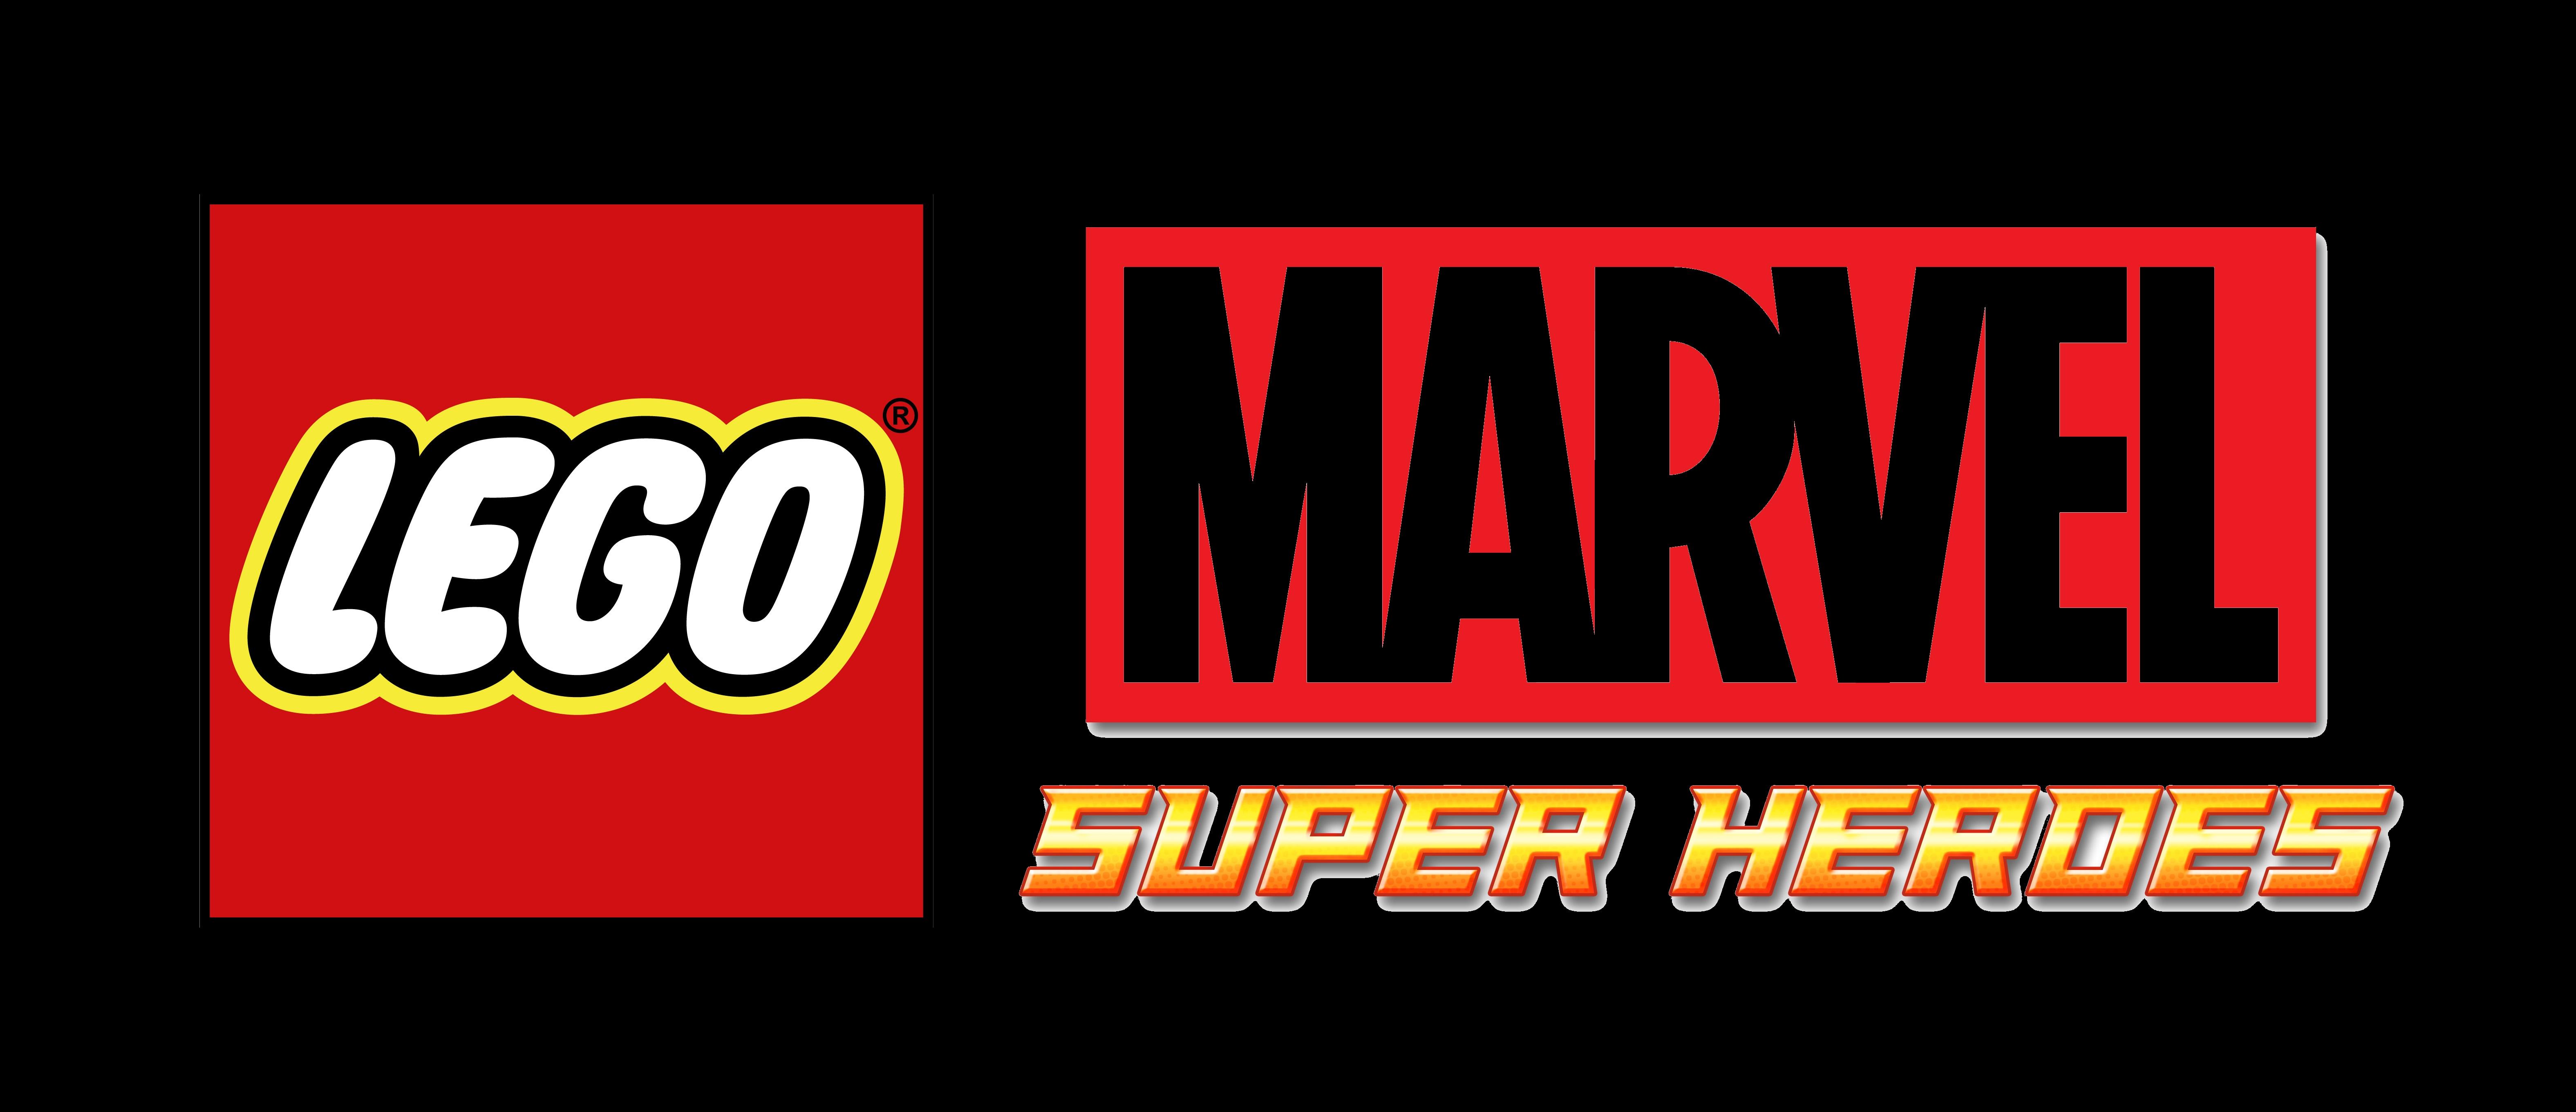 Lego Marvel Super Heroes 4k Ultra Hd Wallpaper Background Image